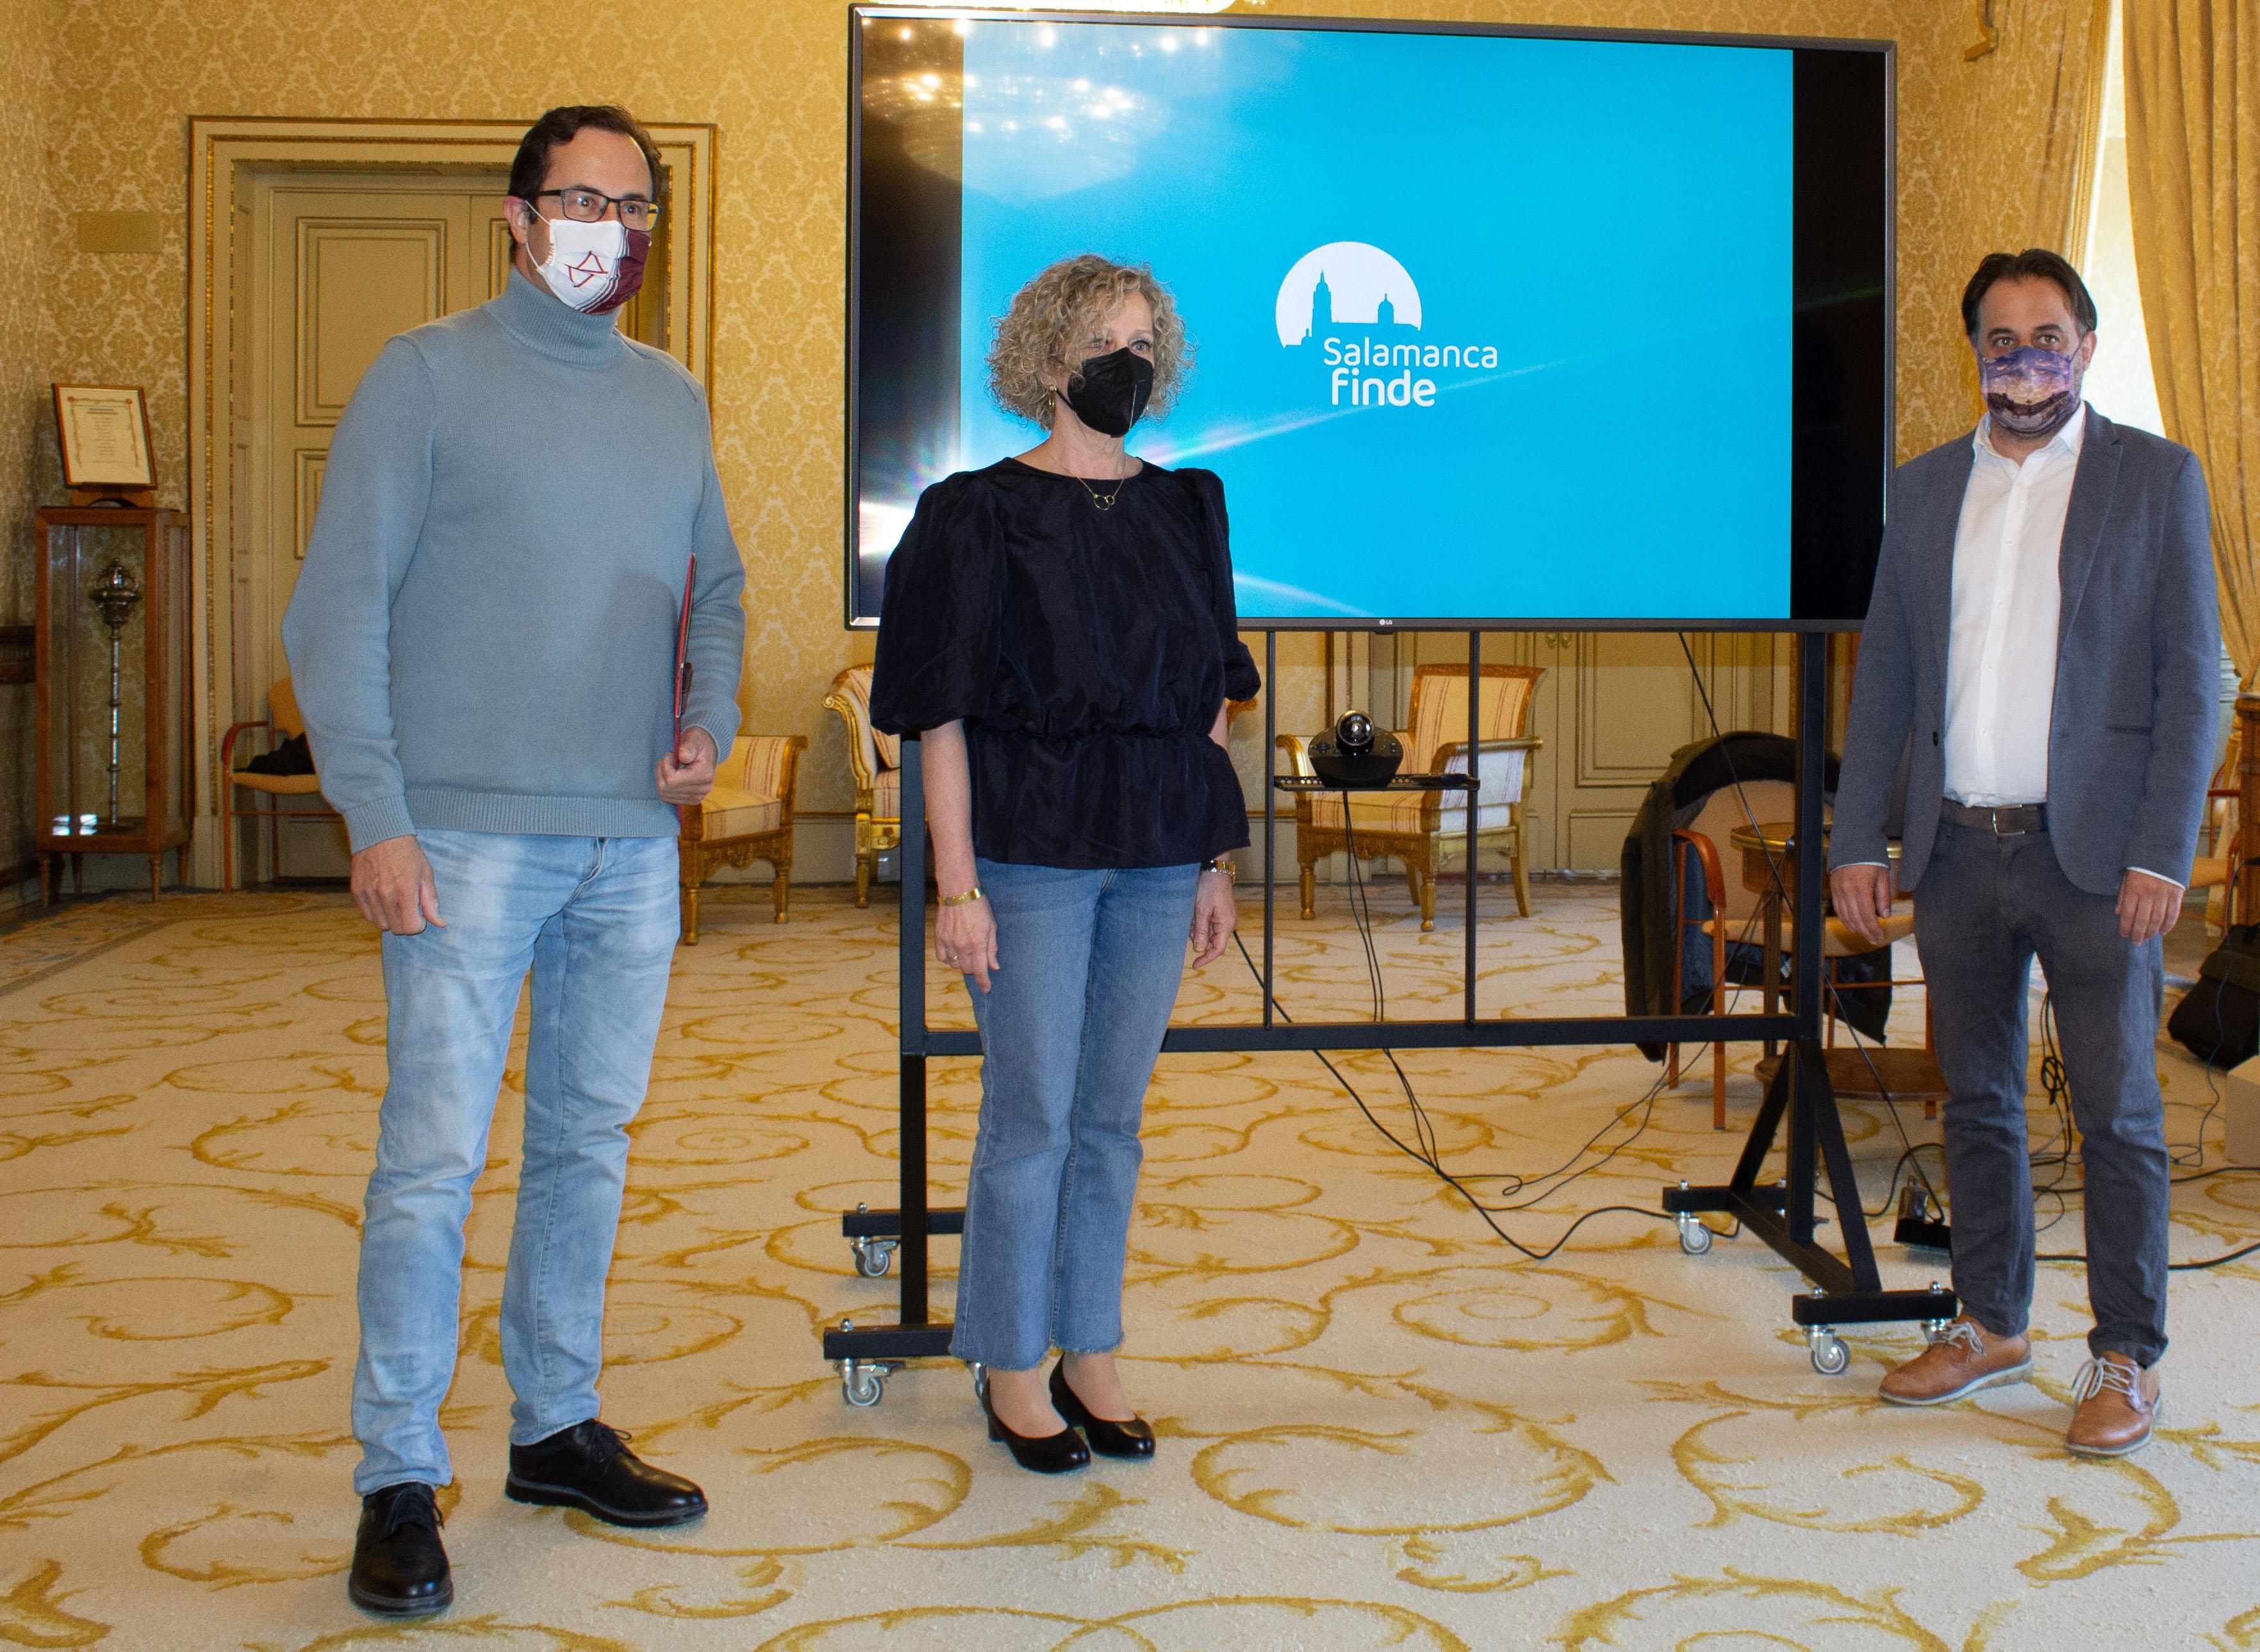 José Luis Fuentecilla, Celia Aramburu y Fernando Castaño en la presentación del proyecto 'Salamanca Finde